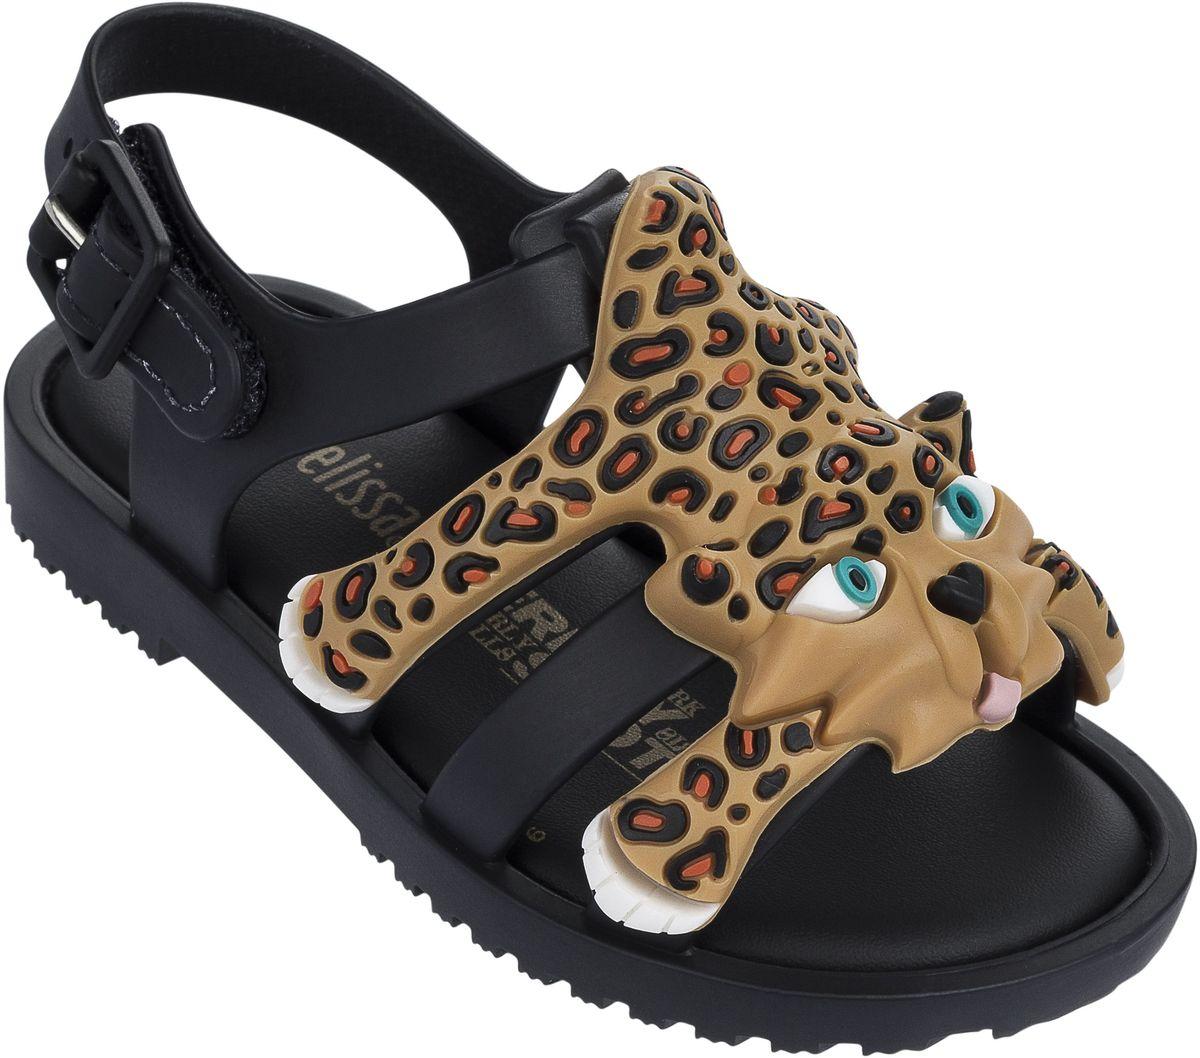 Сандалии31933-51516Стильные босоножки, украшенные чудесным элементом виде леопарда, созданные в коллаборации с Jeremy Scott (Джереми Скотт). Стелька супермягкая, принимающая форму стопы Вашего ребенка. Сбоку застегивается на пряжку. Обувь Melissa сделана из Melflex – инновационного полимера, который приспосабливается к форме стопы, не натирает и дает ноге дышать, а также вкусно пахнет бабл-гам и карамелью. Важно, что Melflex гипоаллергенен и почти полностью перерабатывается, не выделяя вредных веществ в атмосферу.